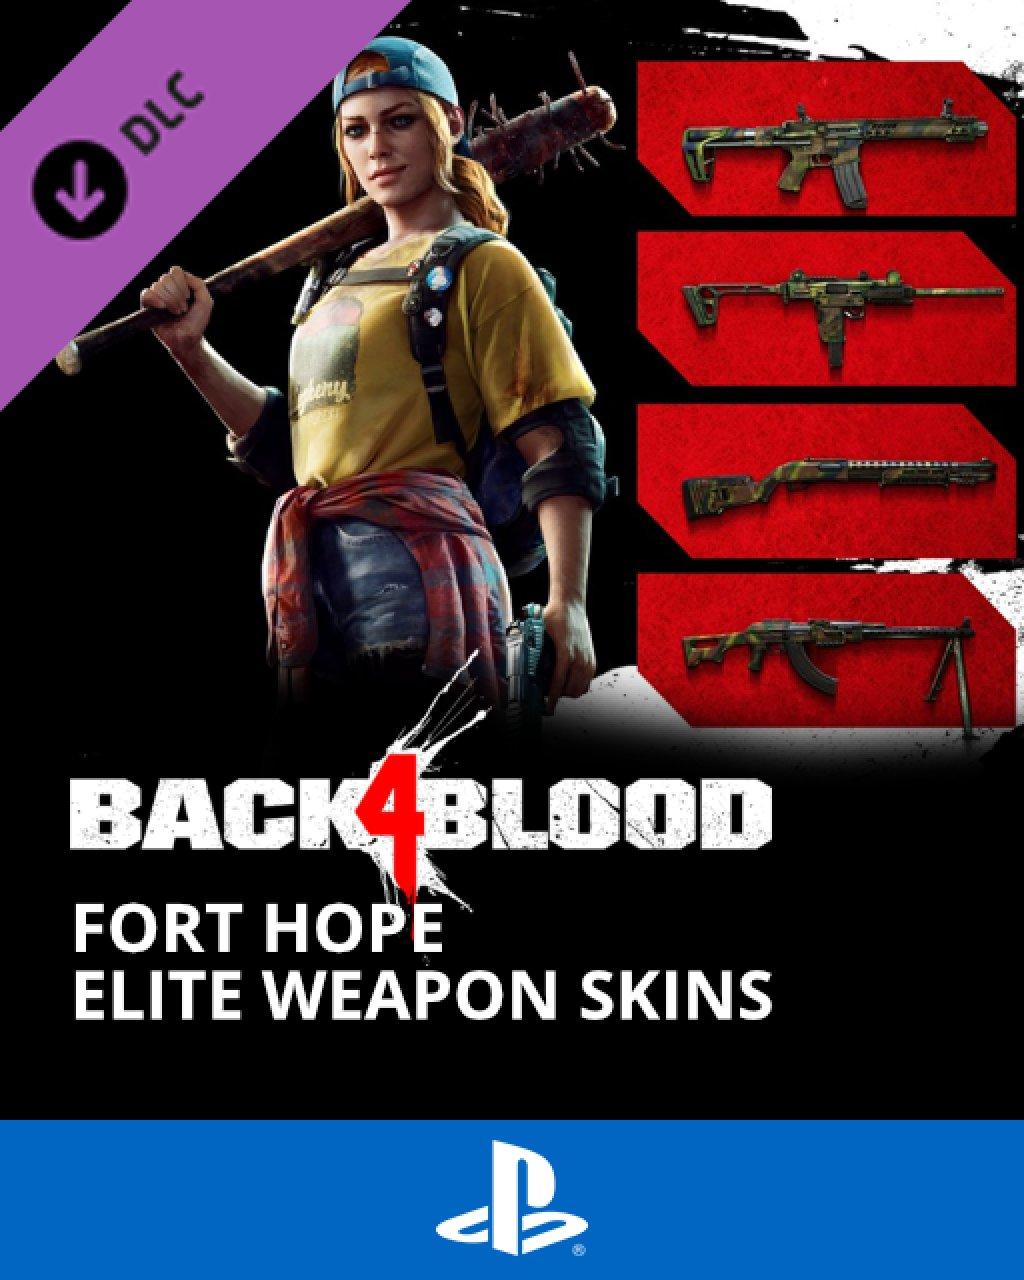 Back 4 Blood Fort Hope Elite Weapon Skins